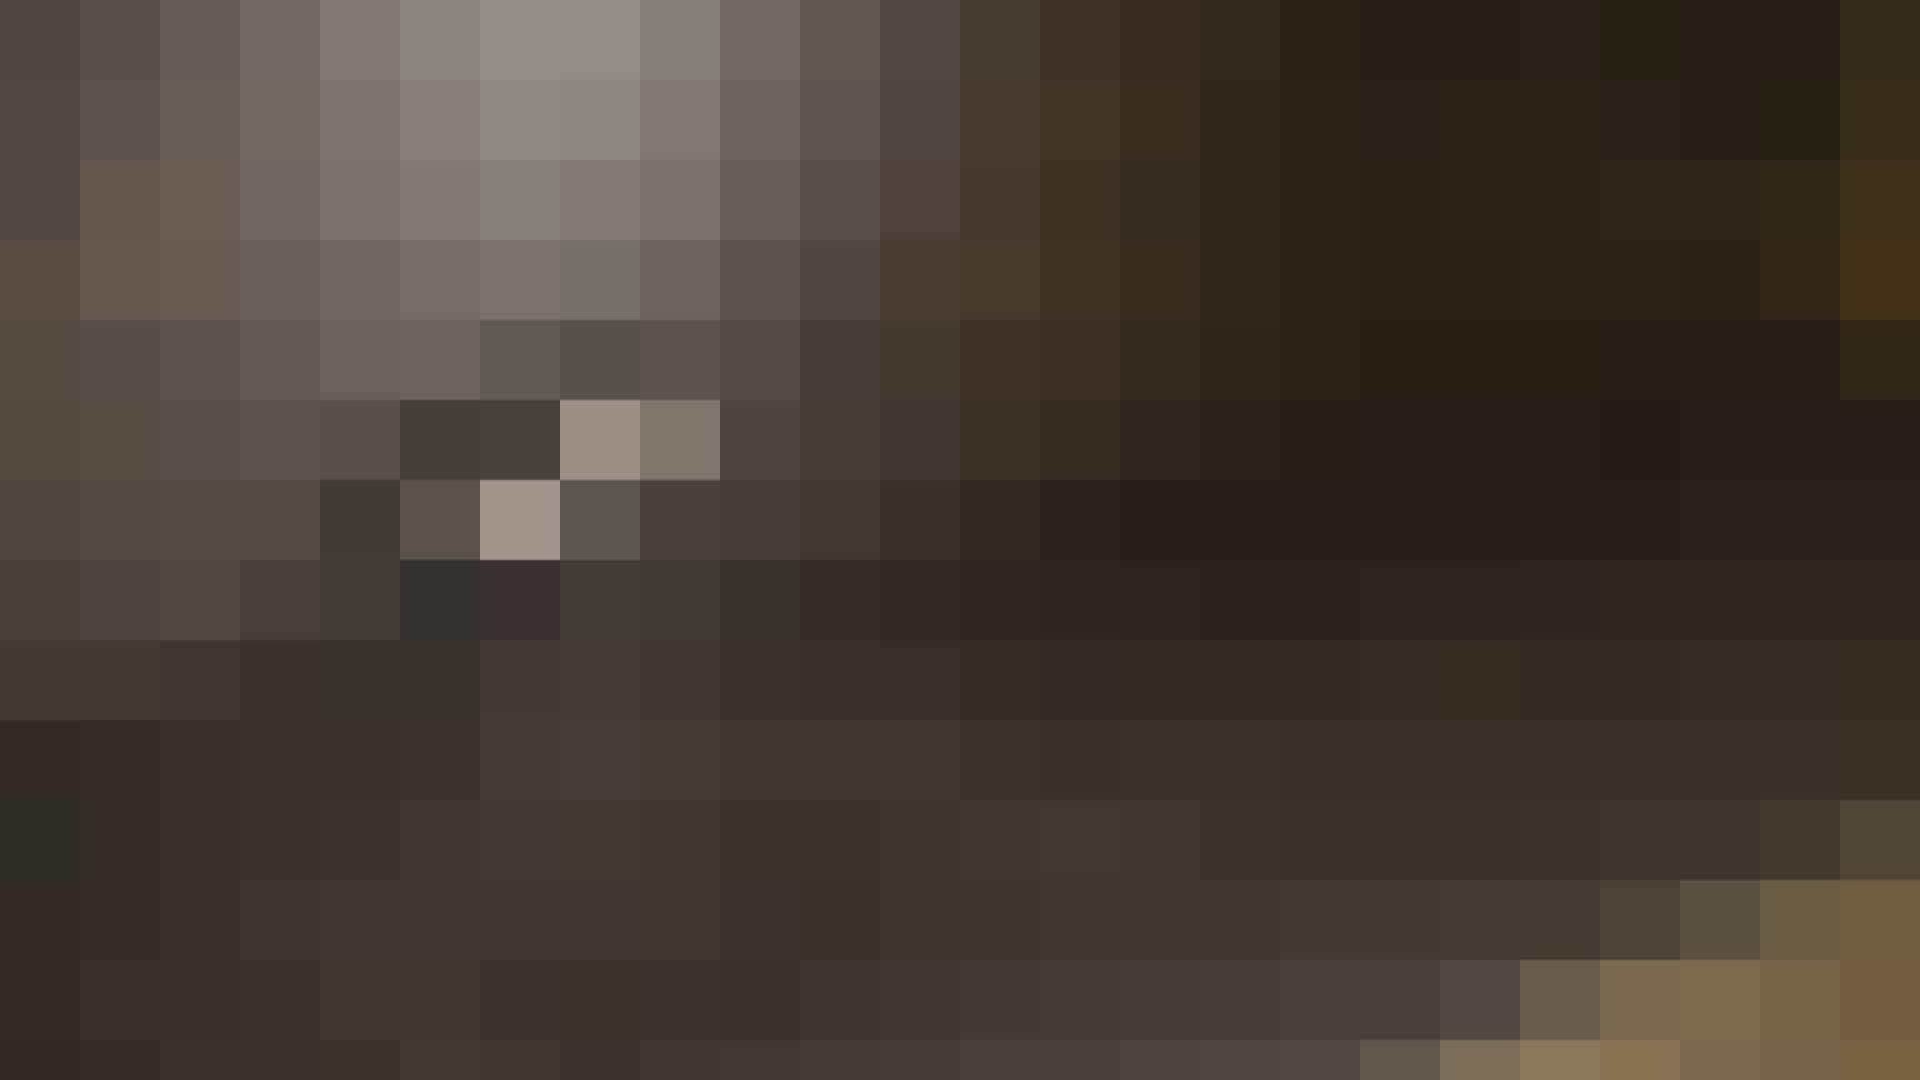 阿国ちゃんの「和式洋式七変化」No.16 洗面所  56PIX 31